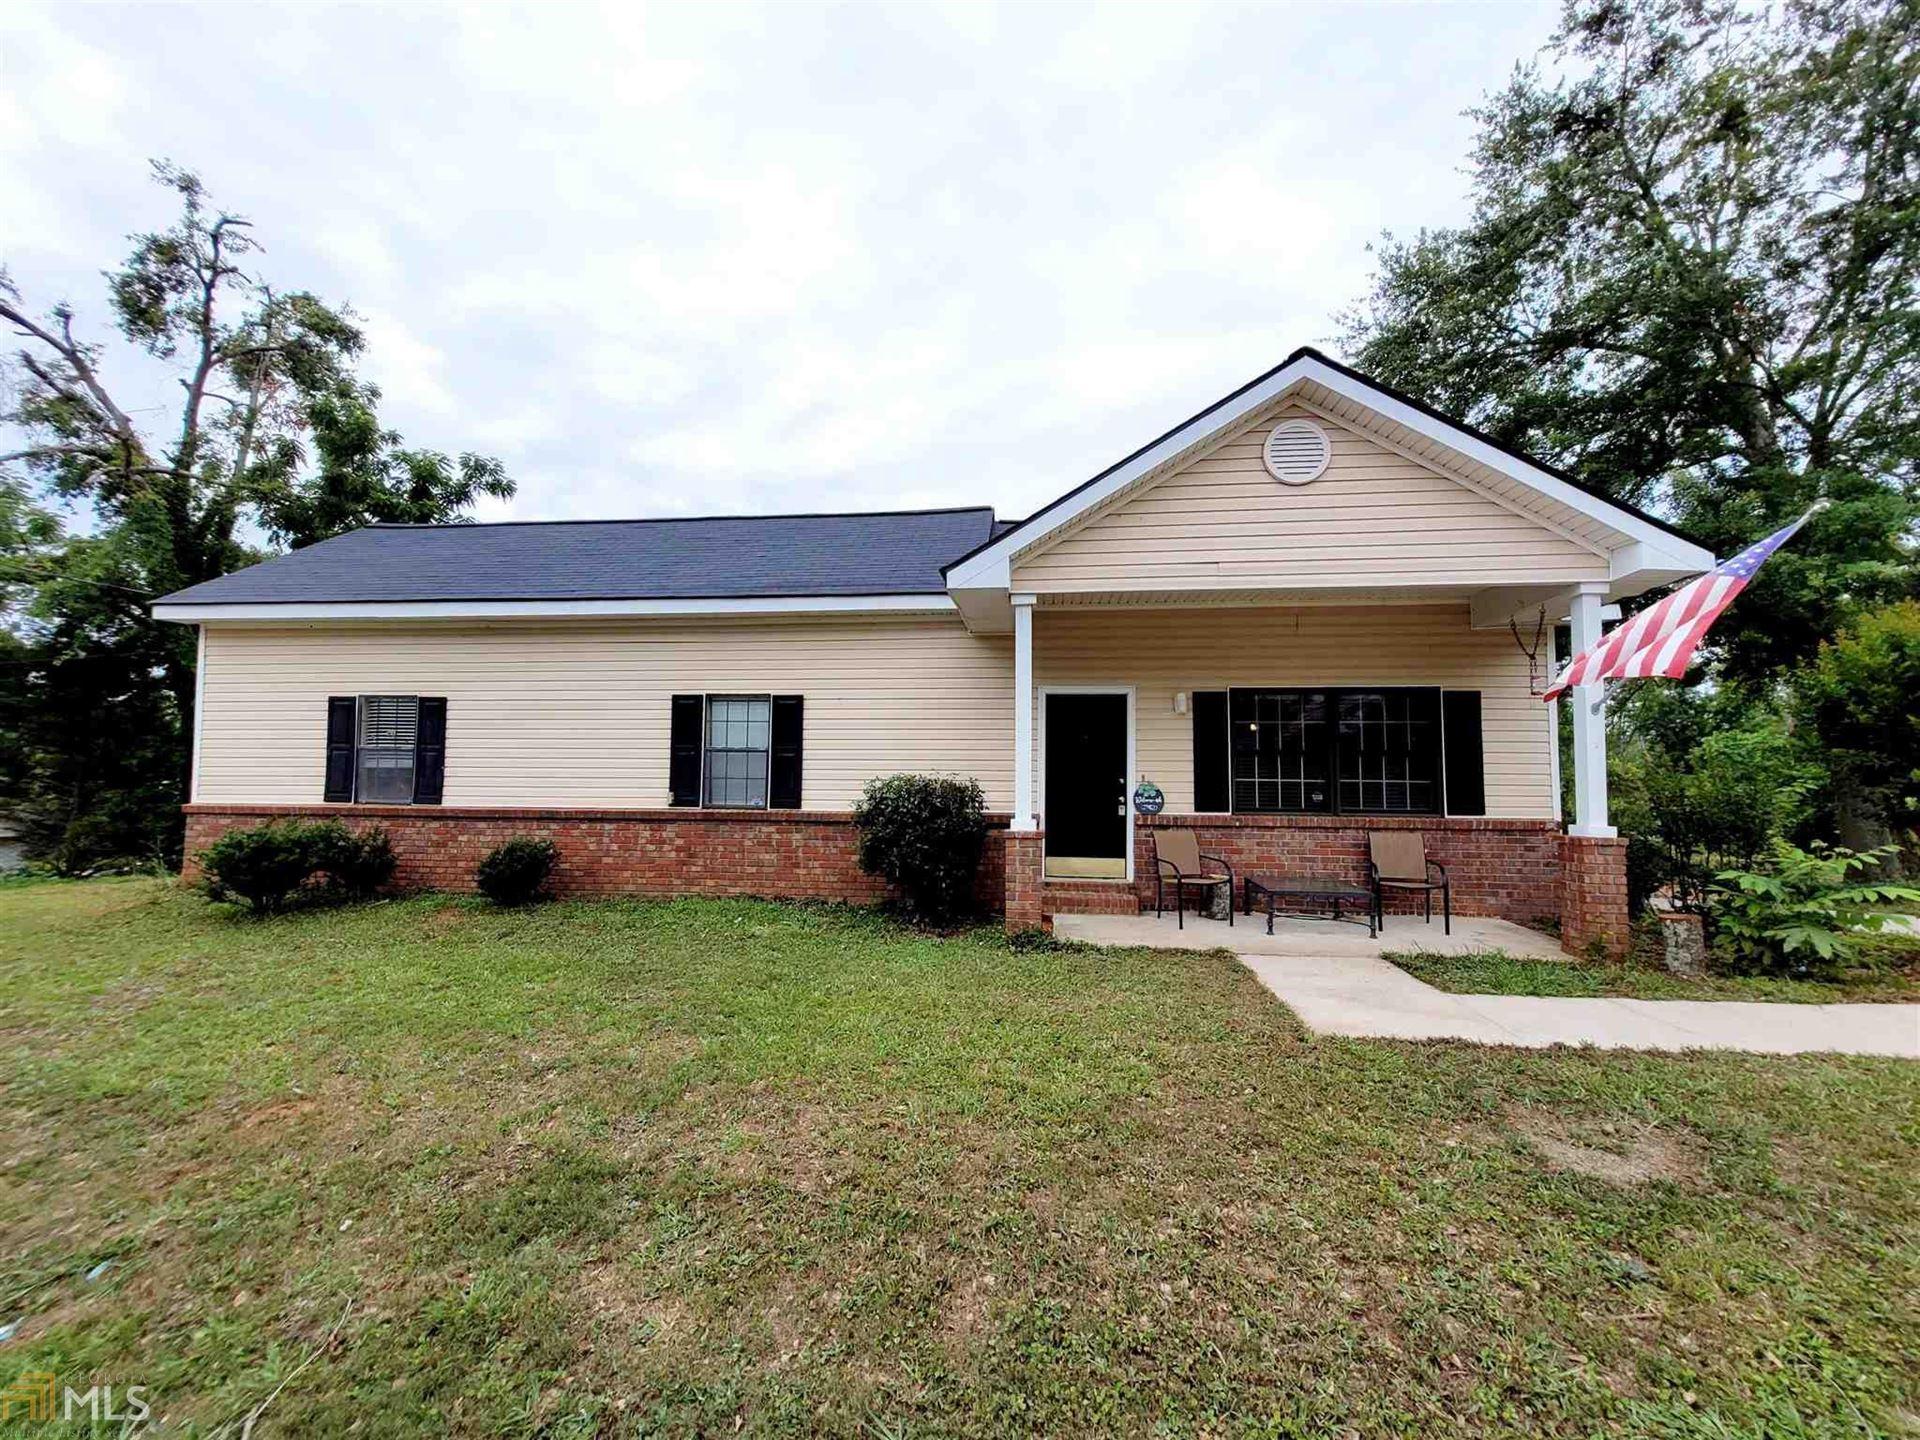 115 Boone Dr, Newnan, GA 30263 - #: 8991583